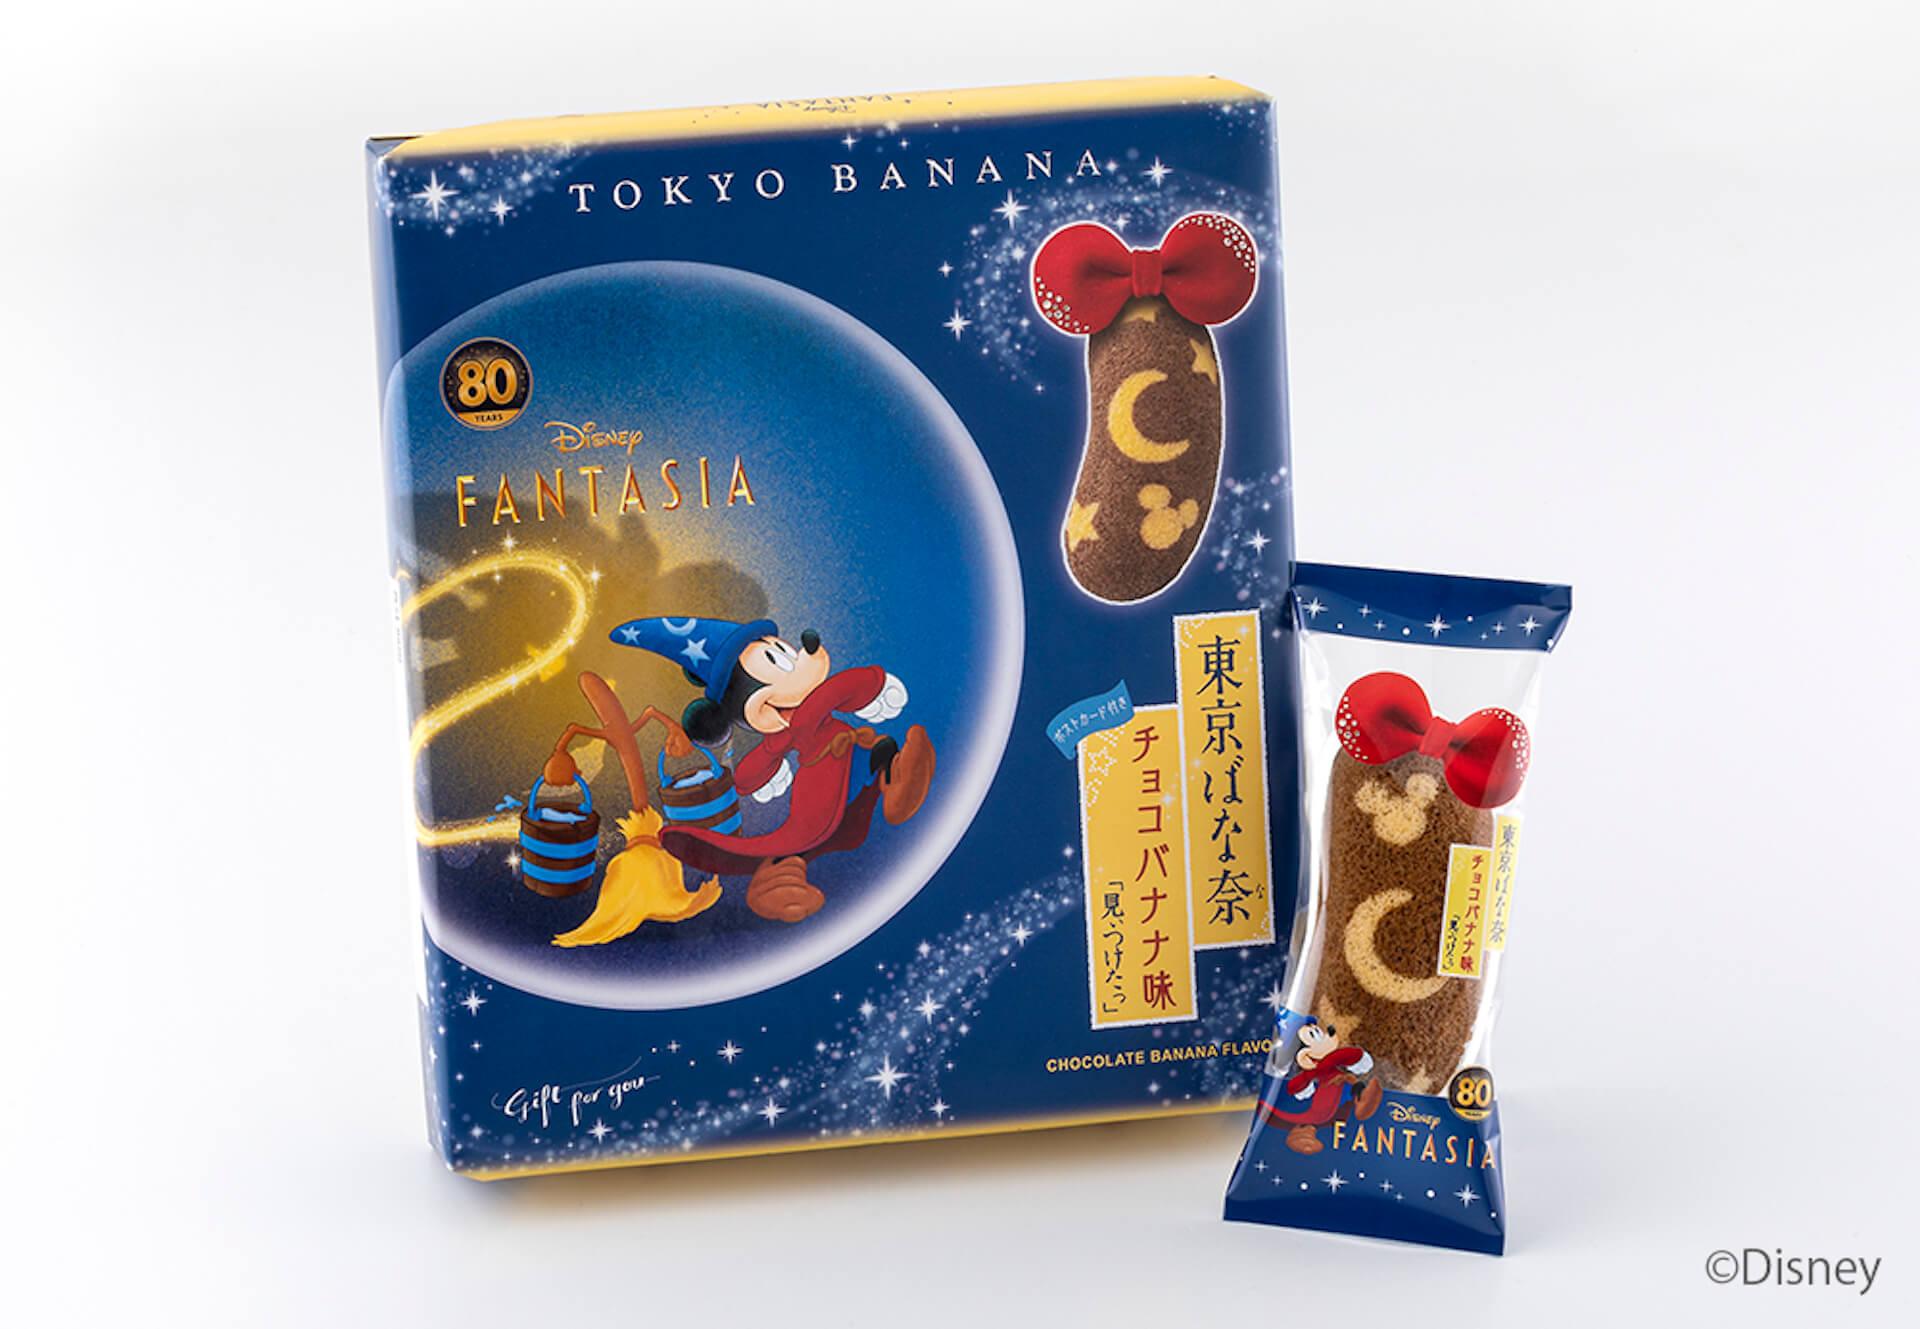 魔法使いの弟子・ミッキーが東京ばな奈に!ディズニー不朽の名作『ディズニー ファンタジア』とのコラボスイーツ第2弾が登場 gourmet201201_tokyobanana_mickey_5